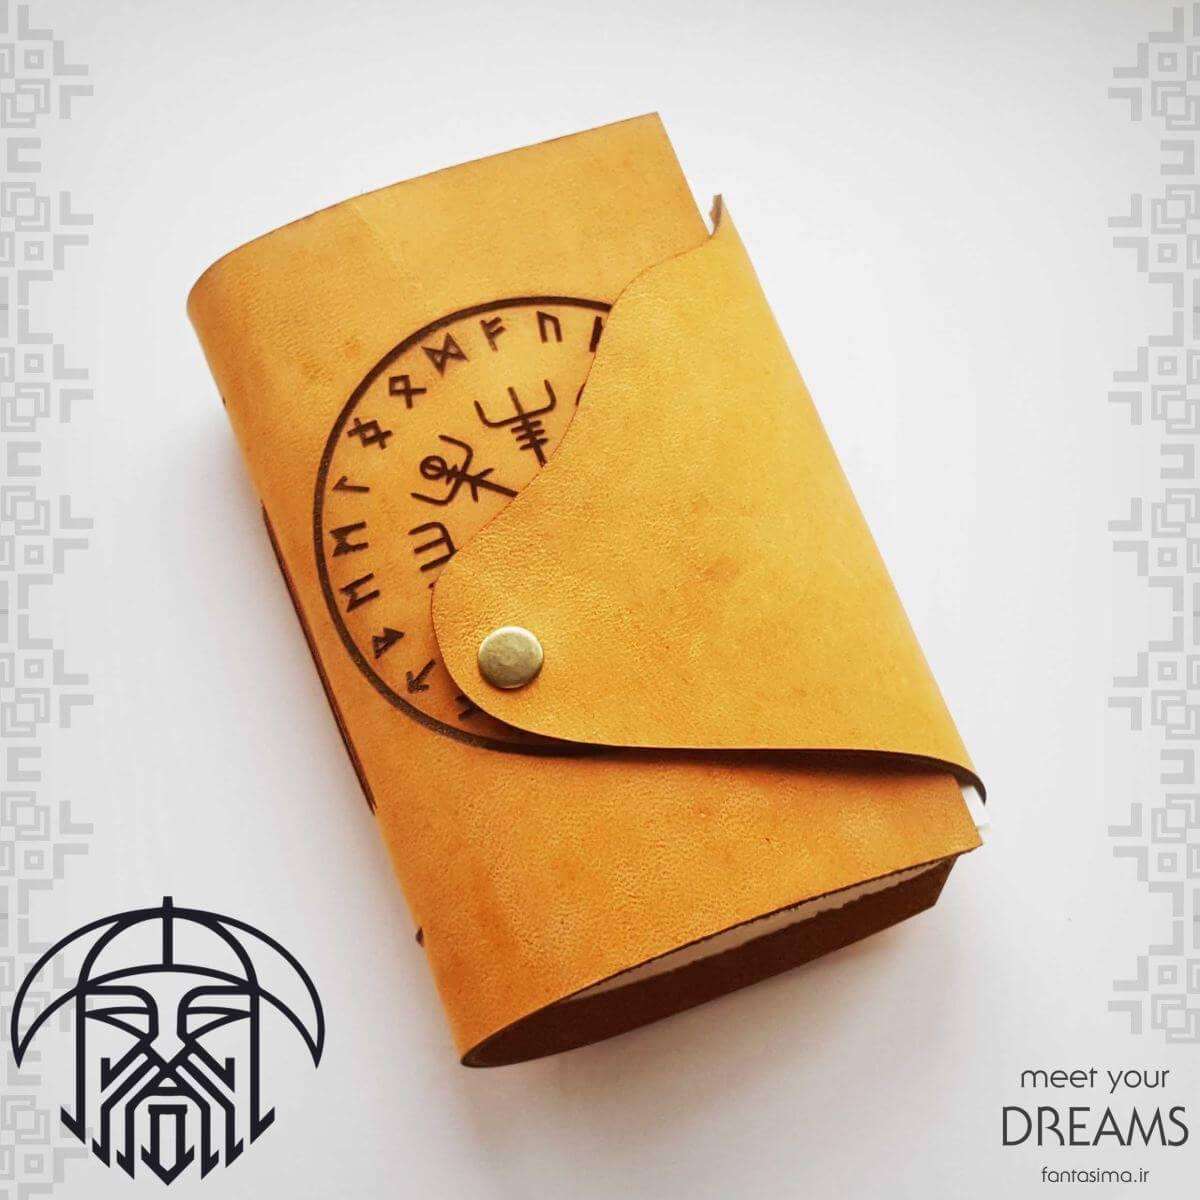 فانتزیآرت دفترچه چرمی گلدرستیفر